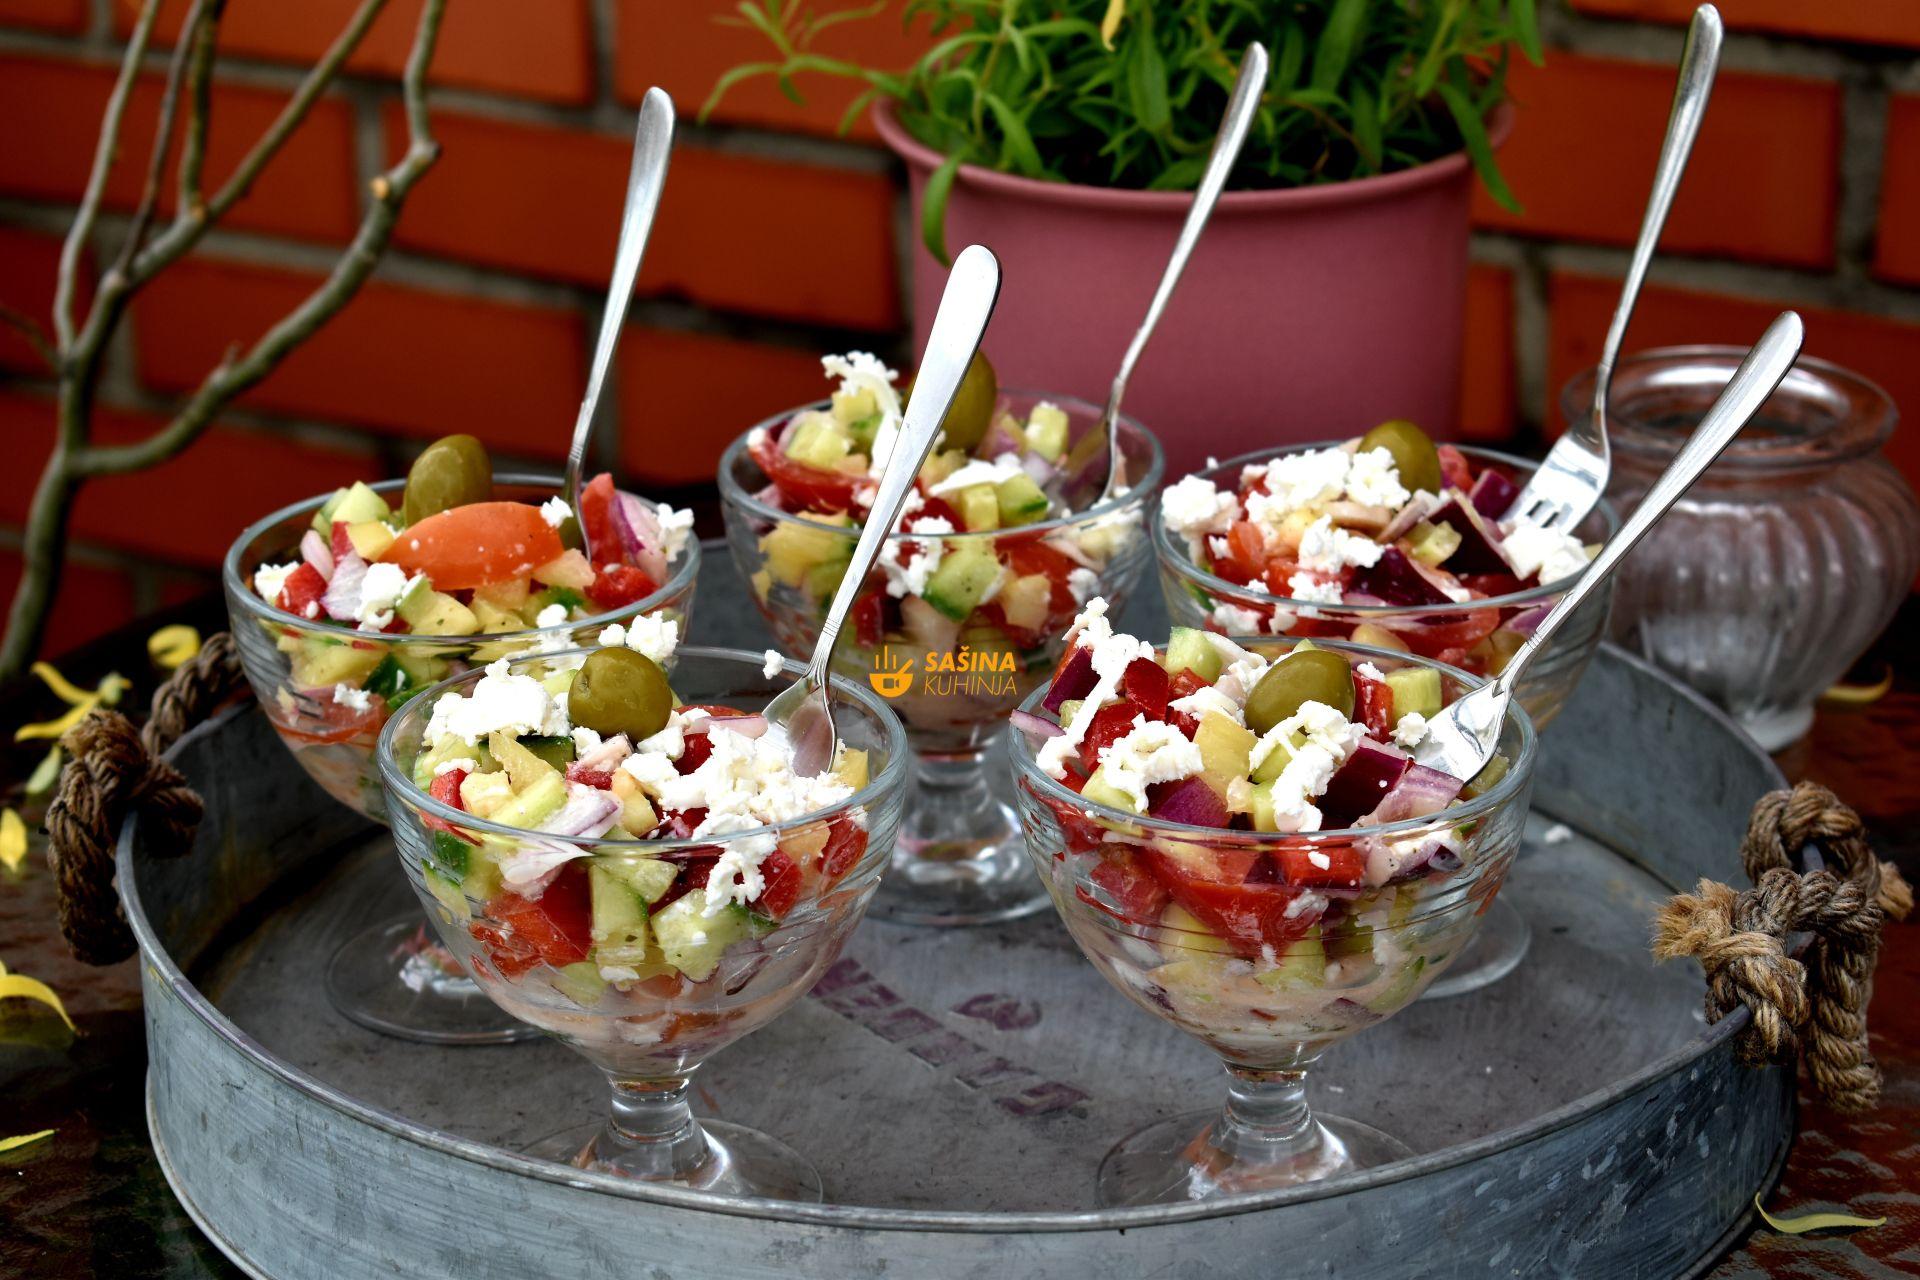 šopska salata recept